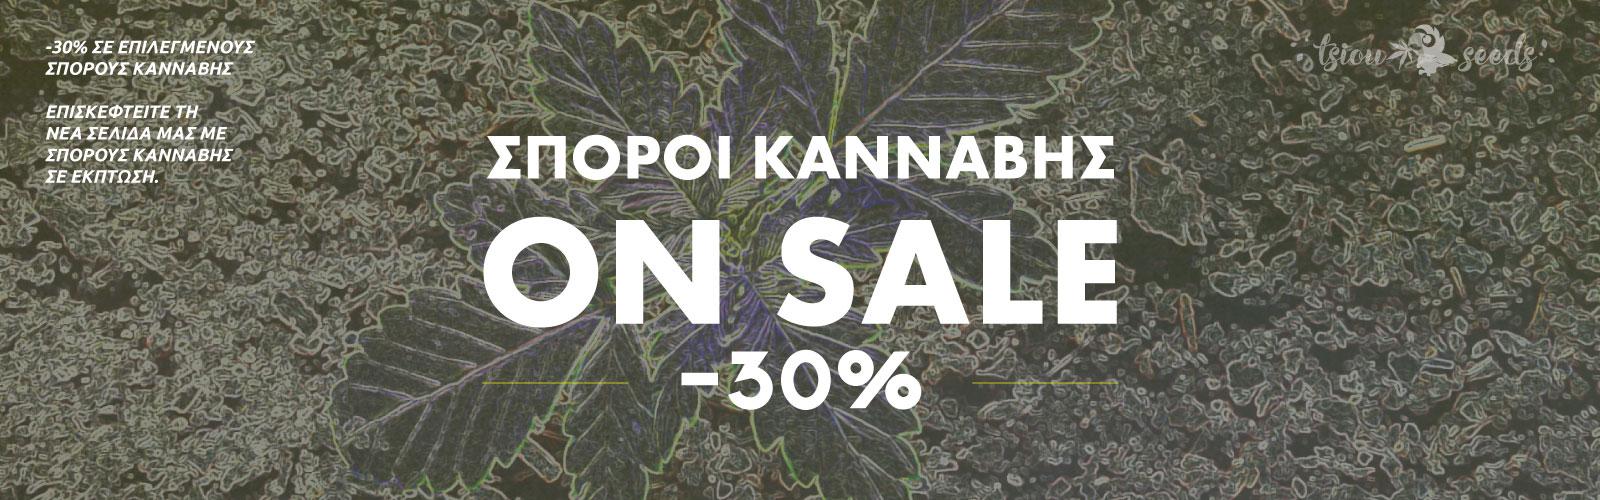 Σπόροι Κανναβης - Προσφορές - On Sale